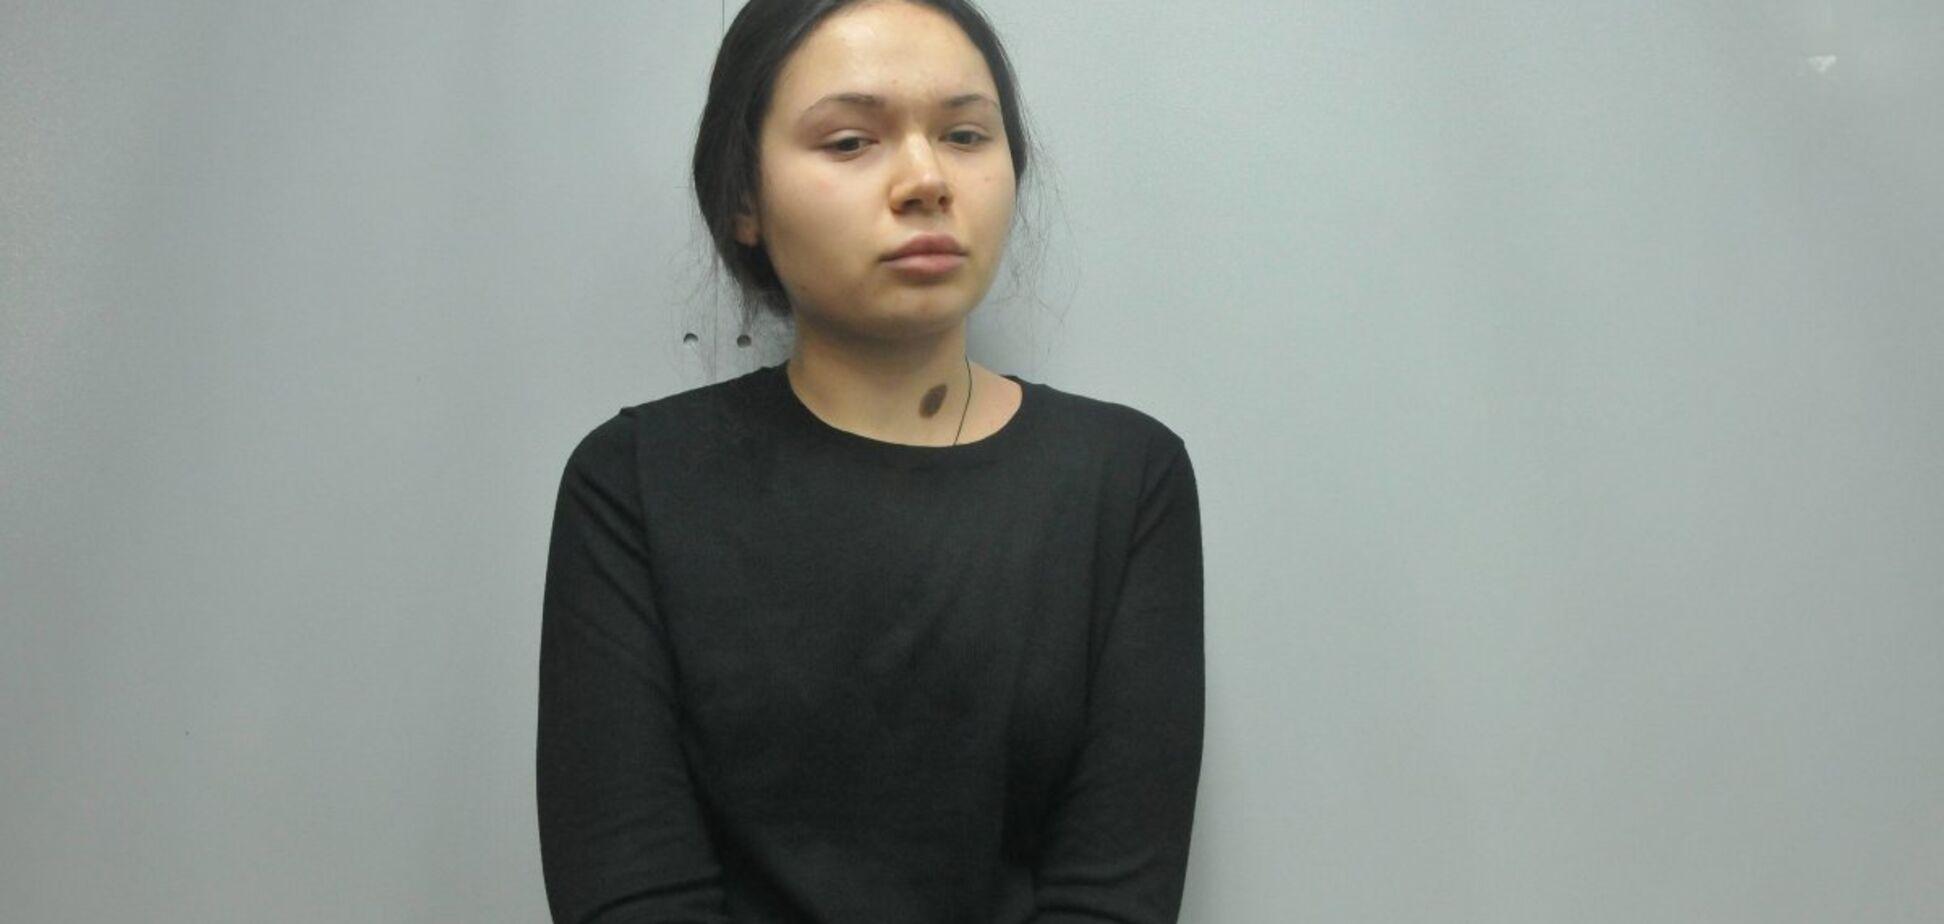 ДТП в Харькове: Зайцева может остаться единственной обвиняемой